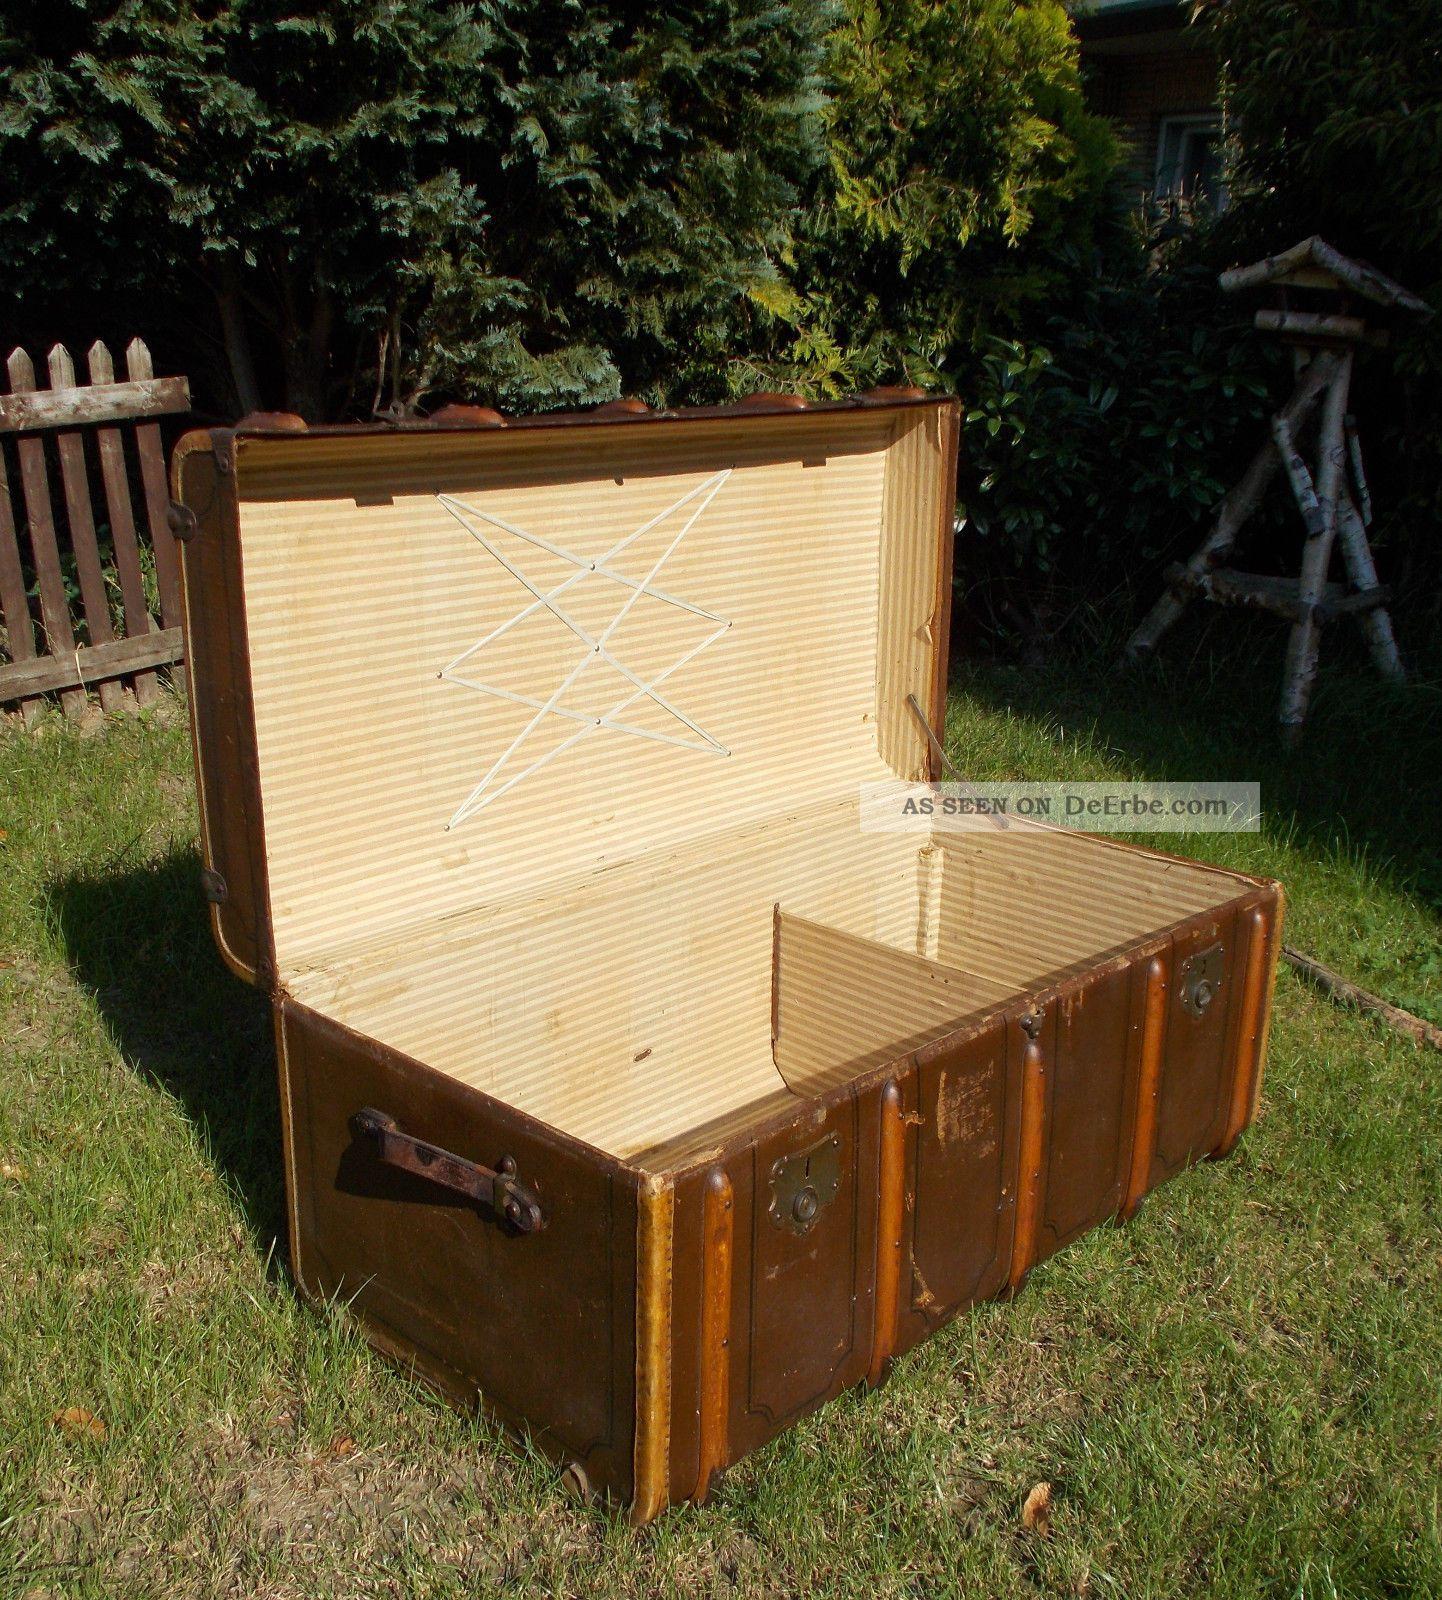 alter koffer truhe 2017 08 24 21 17 50. Black Bedroom Furniture Sets. Home Design Ideas